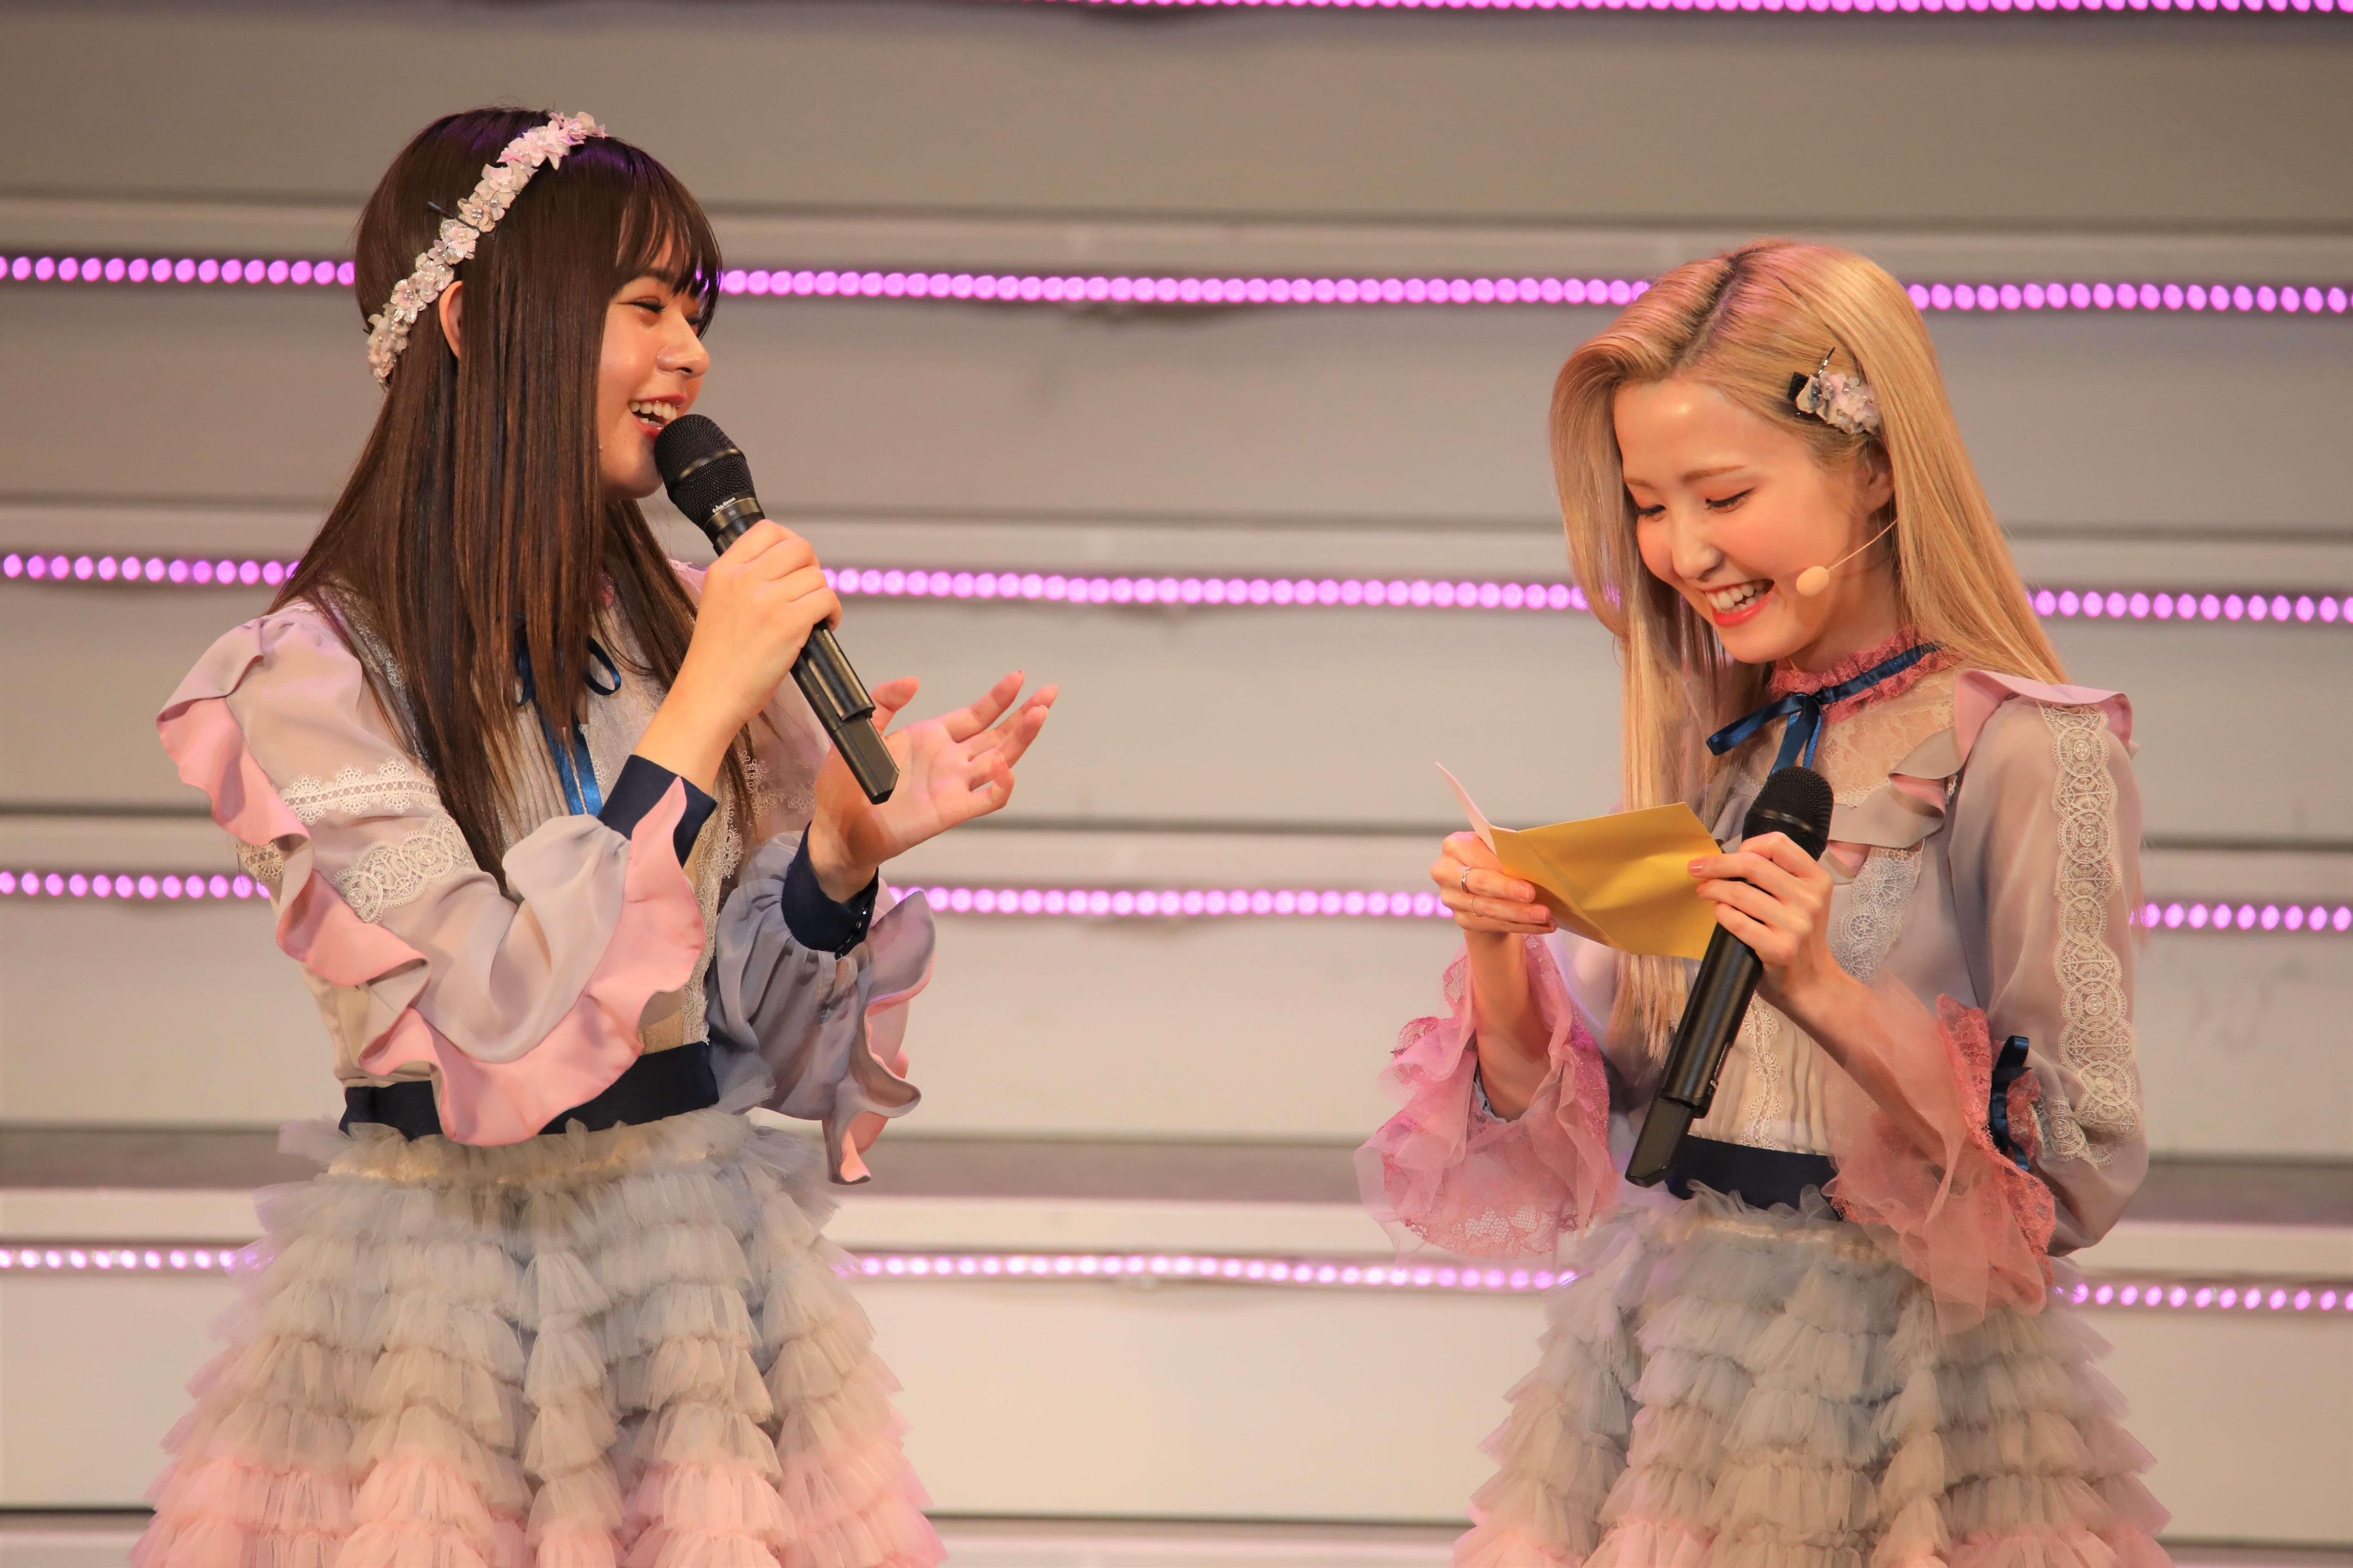 宮里莉羅と本田仁美「私はカケホーダイ入ったからね!」 ©AKB48 THE AUDISHOW製作委員会 無断アップロード及び転送は一切禁止です。